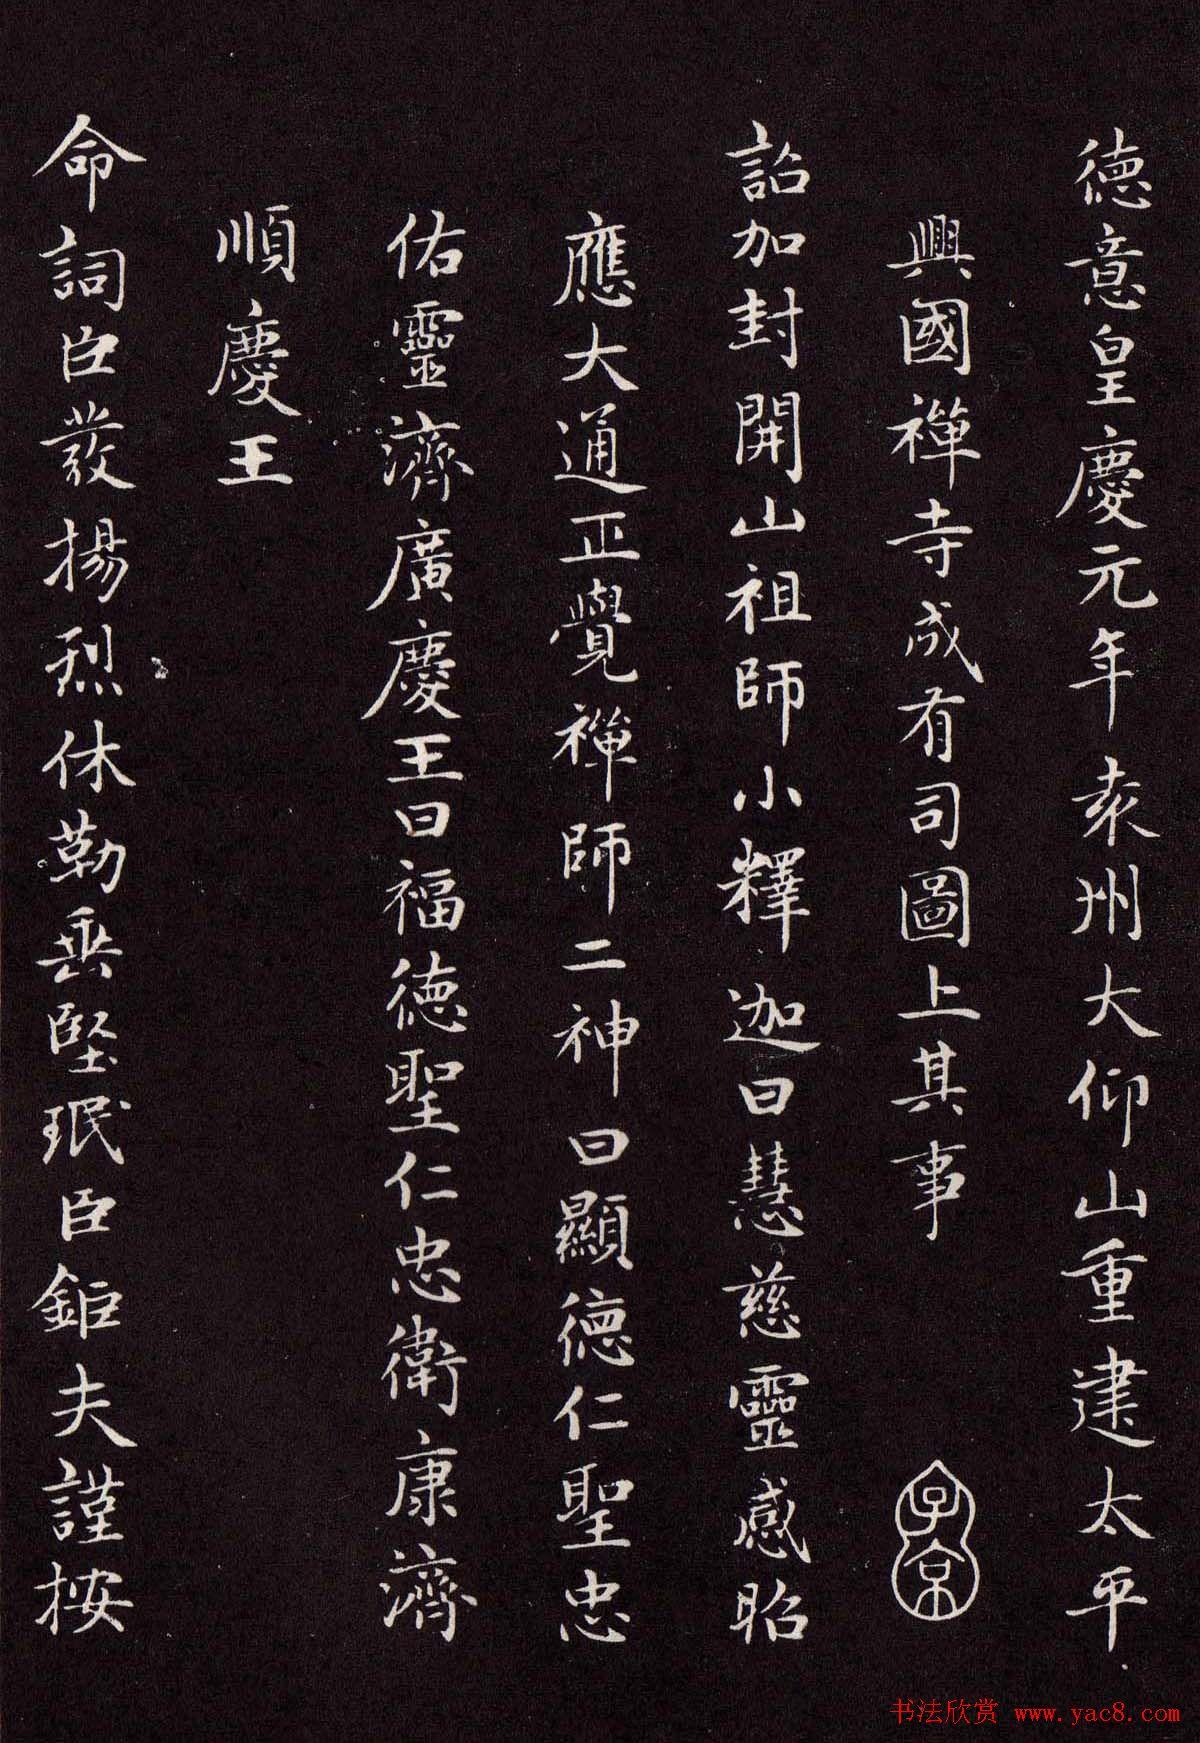 赵孟頫行楷书法欣赏《太平兴国禅寺碑》